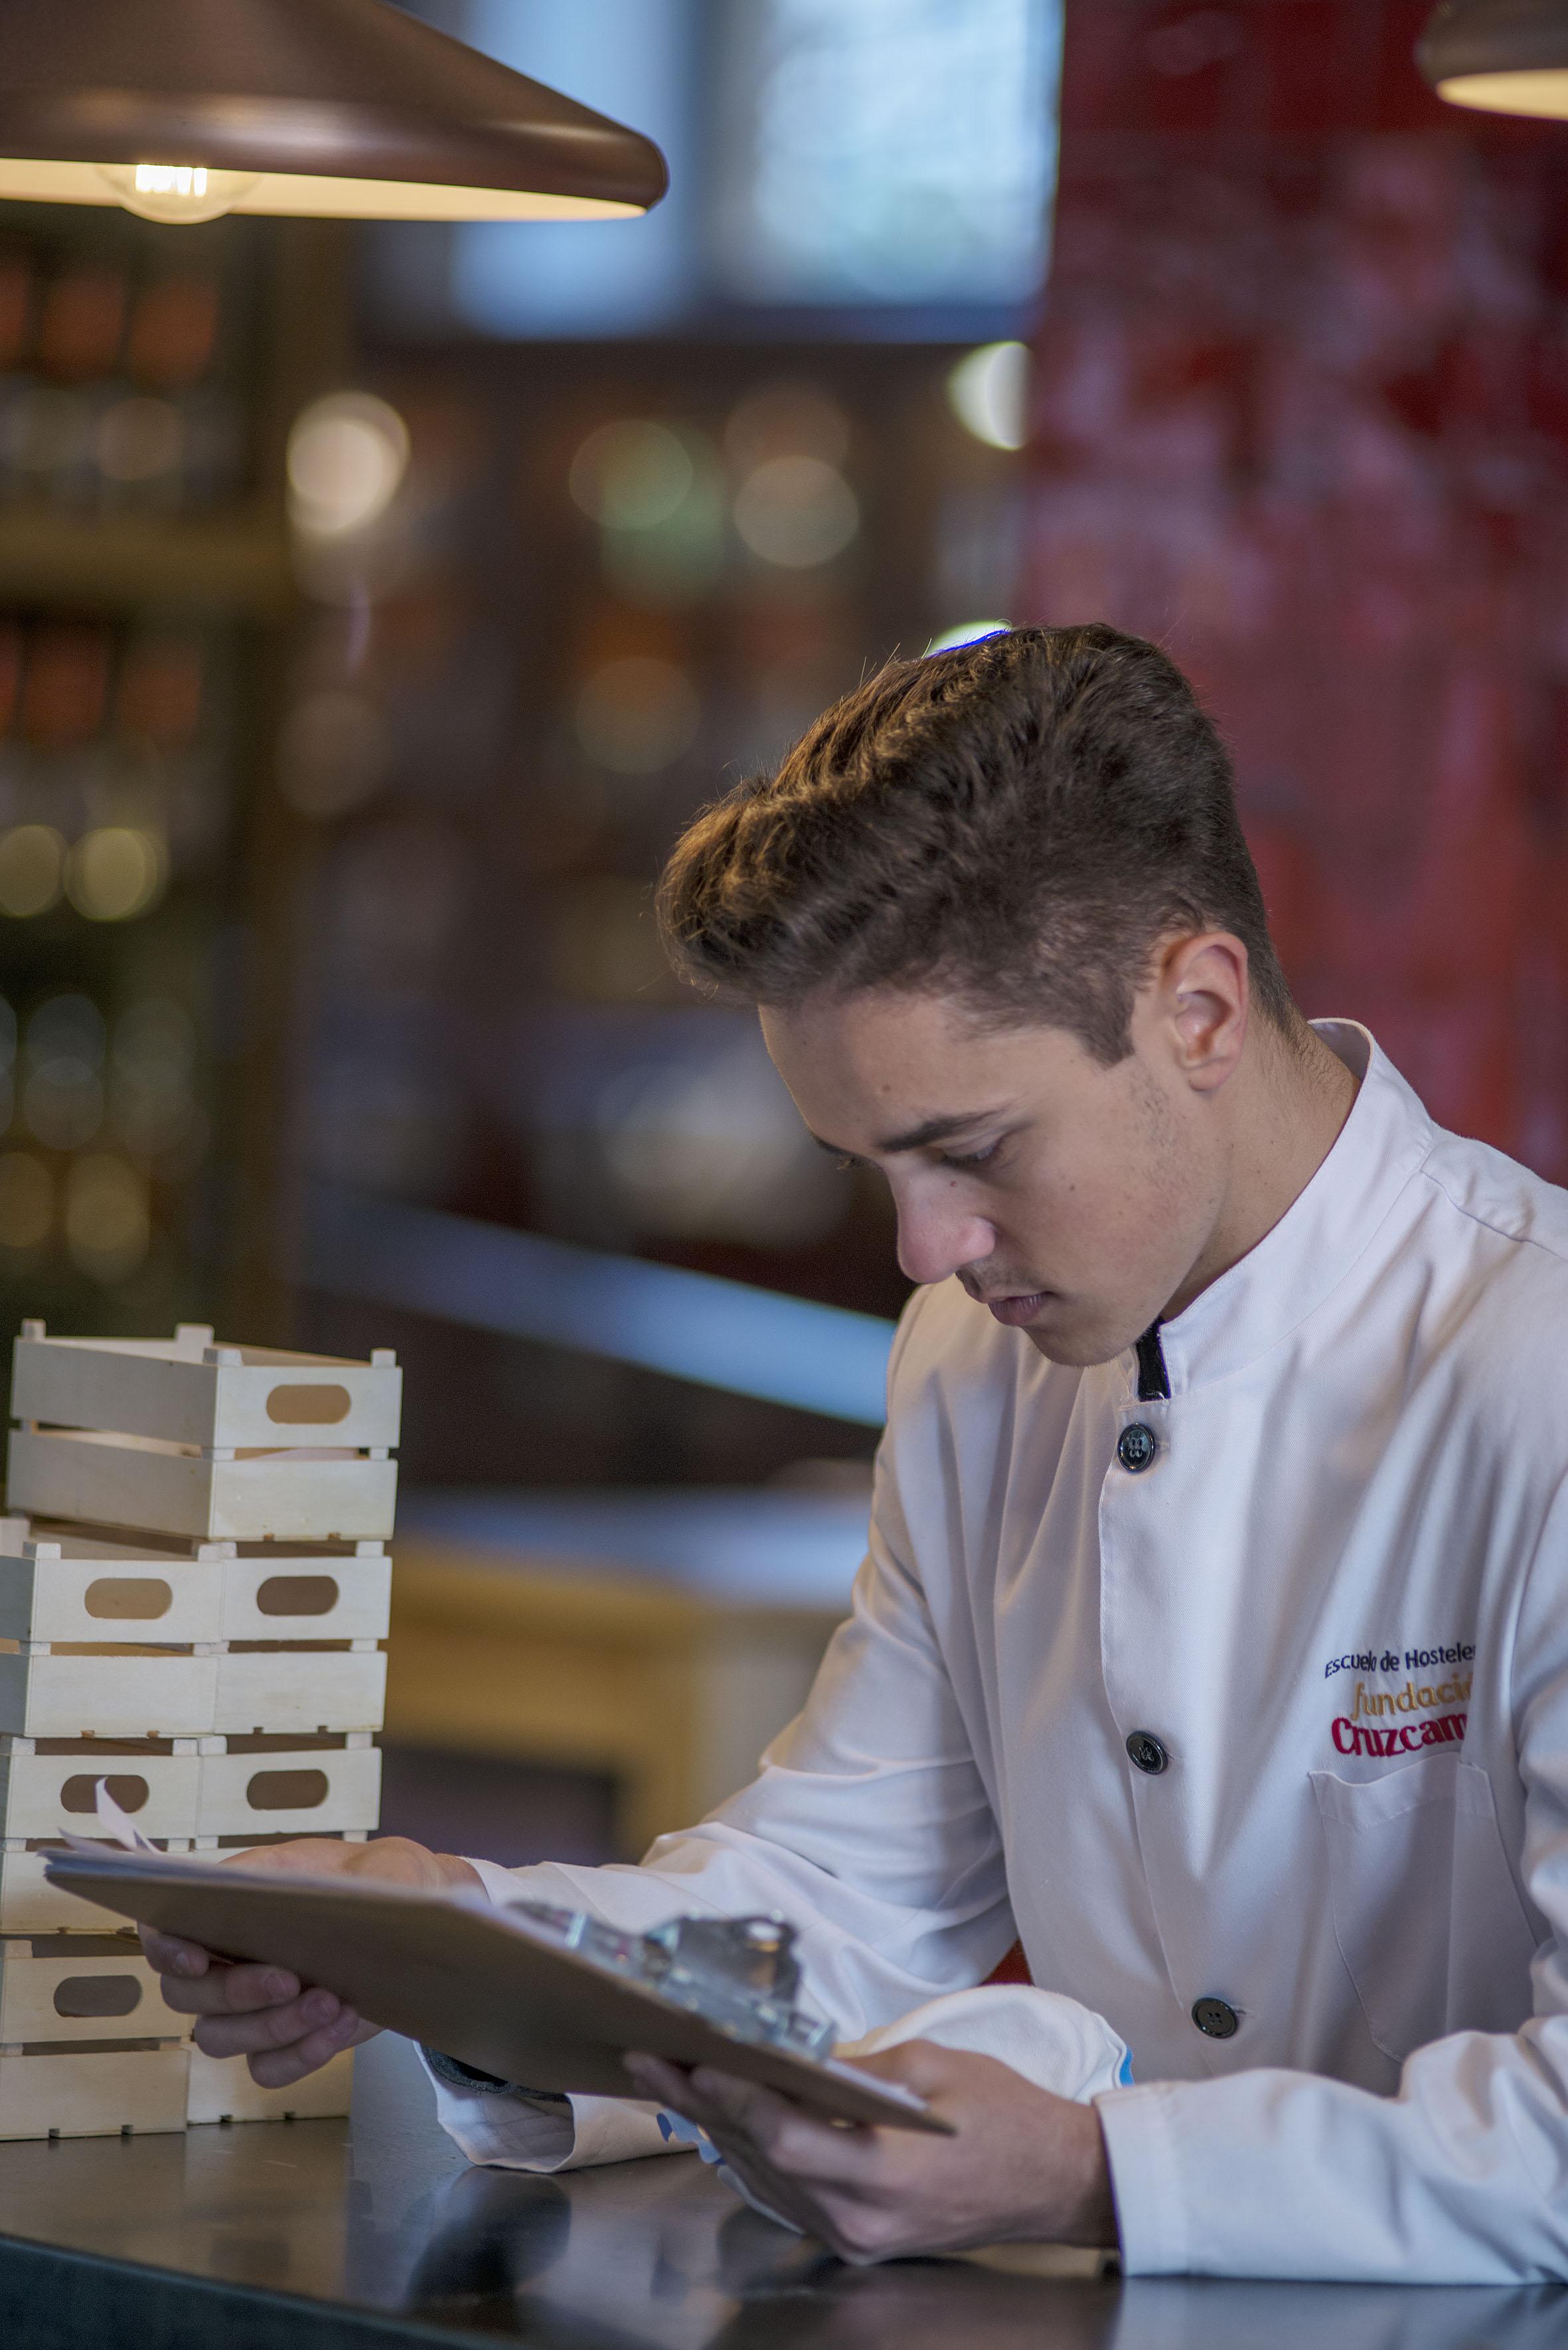 Los españoles valoran más la calidad de la cocina y la profesionalidad del servicio hostelero que el precio